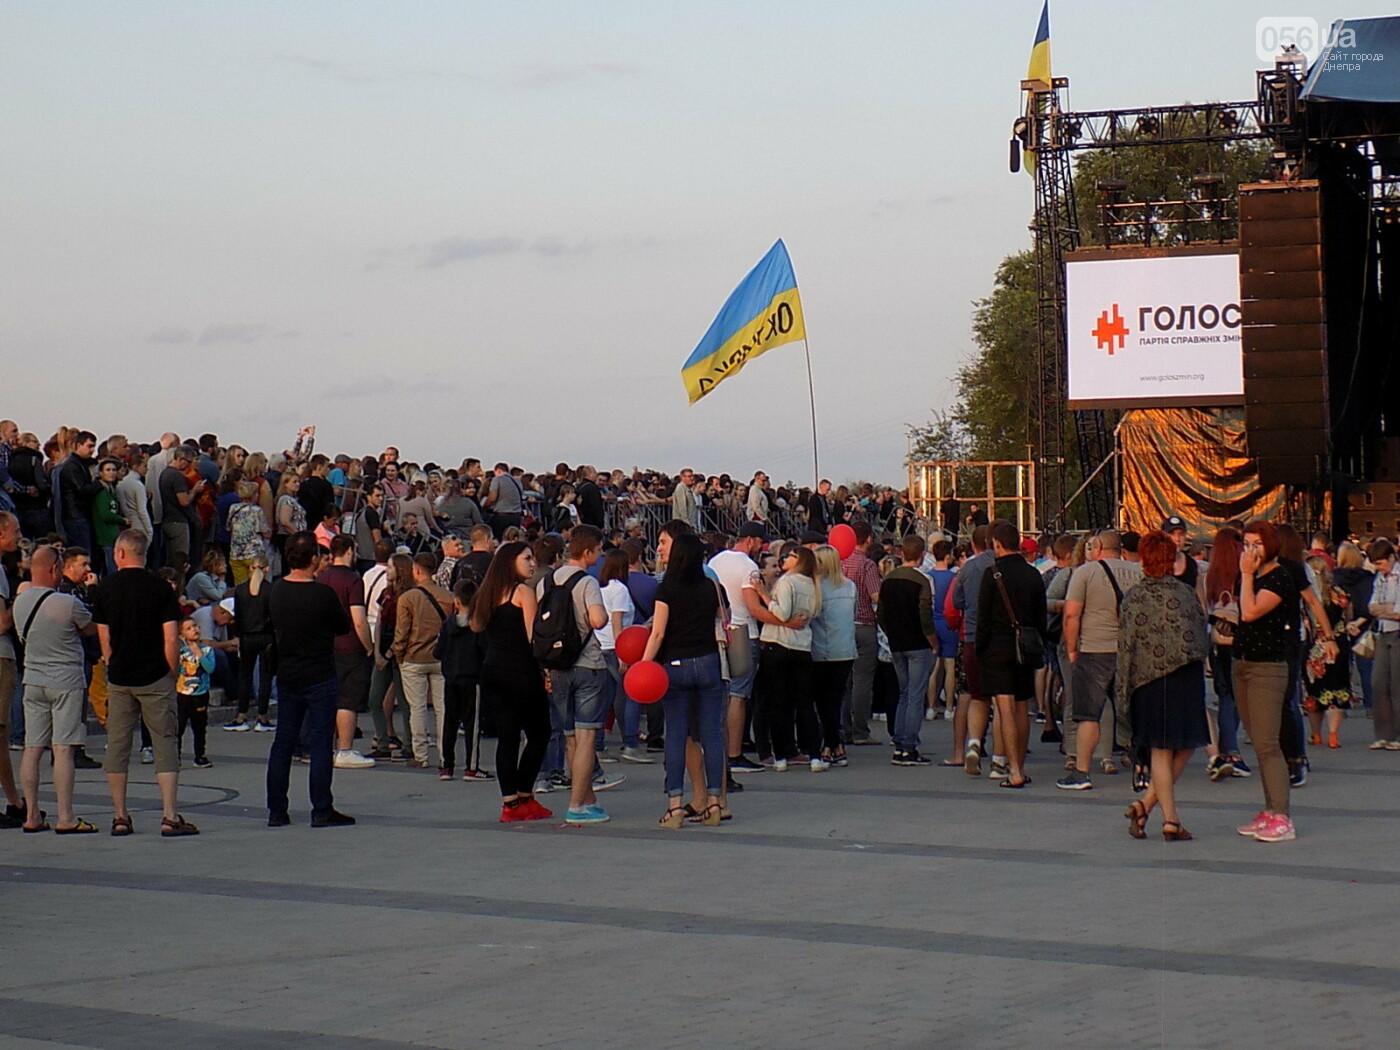 В Днепре прошел концерт группы Океан Эльзы: как это было, - ФОТО, фото-10